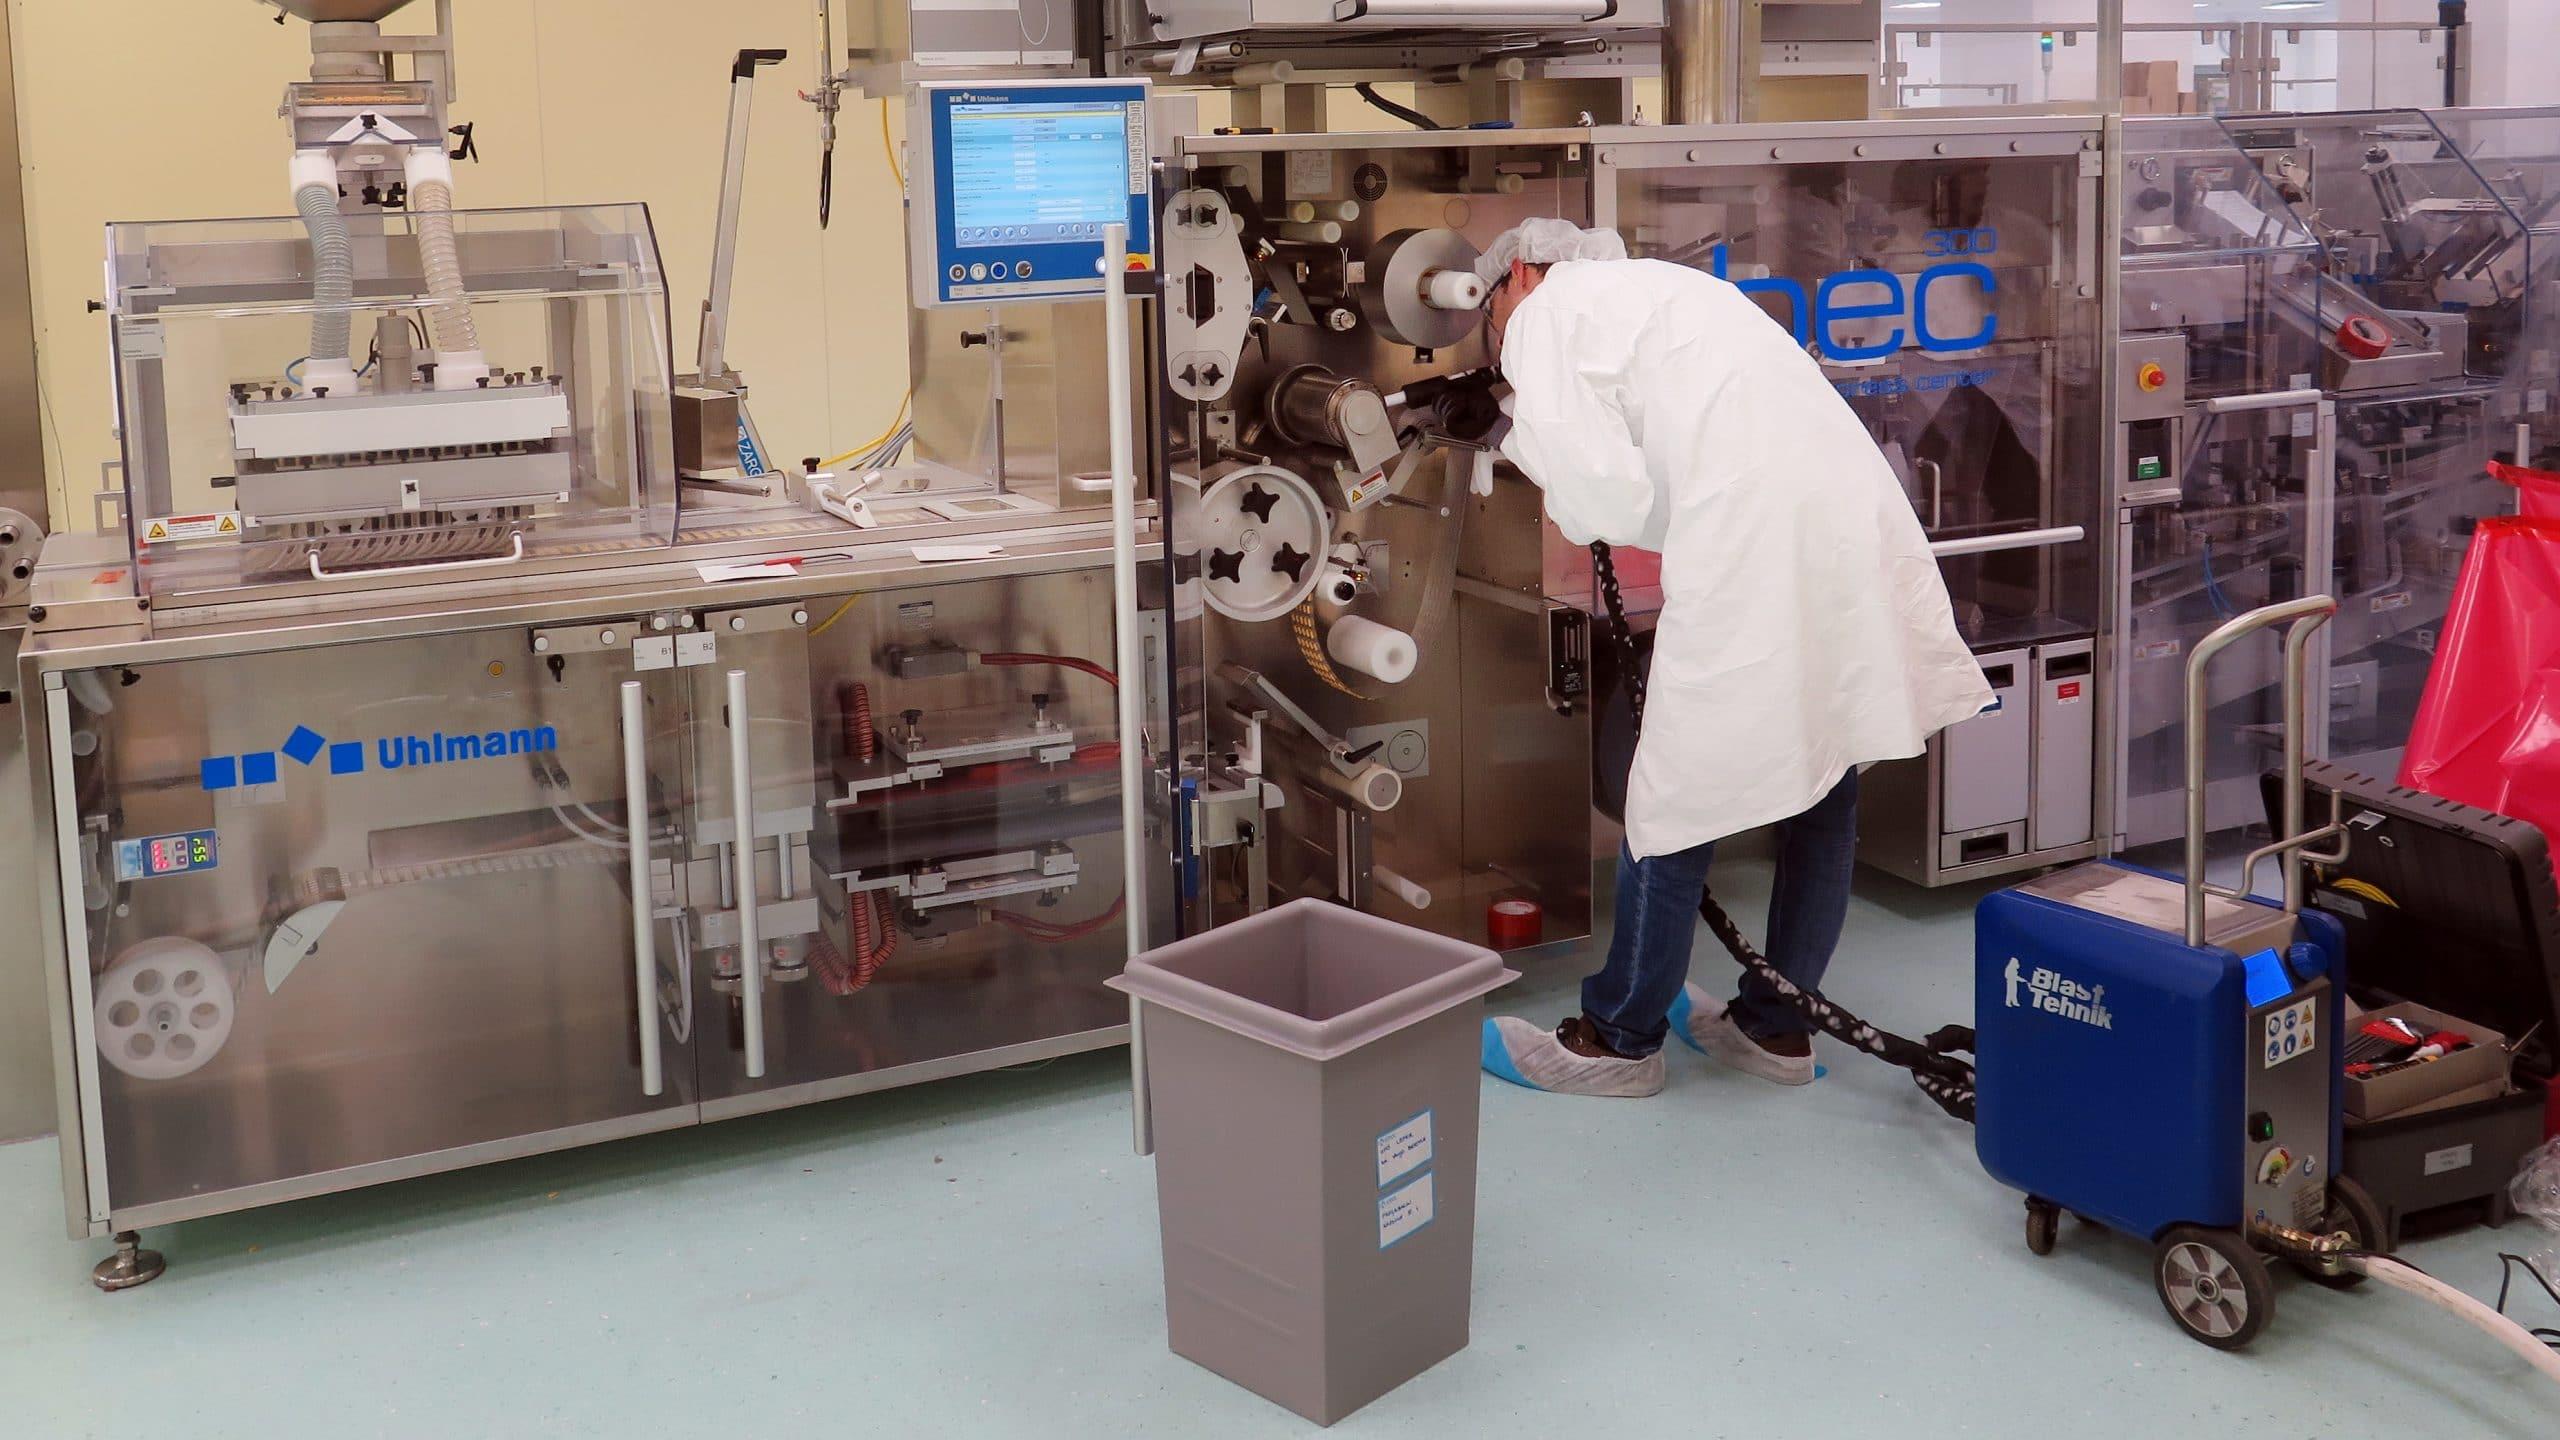 ciscenje proizvodne linije s suhim ledom v farmaciji 1